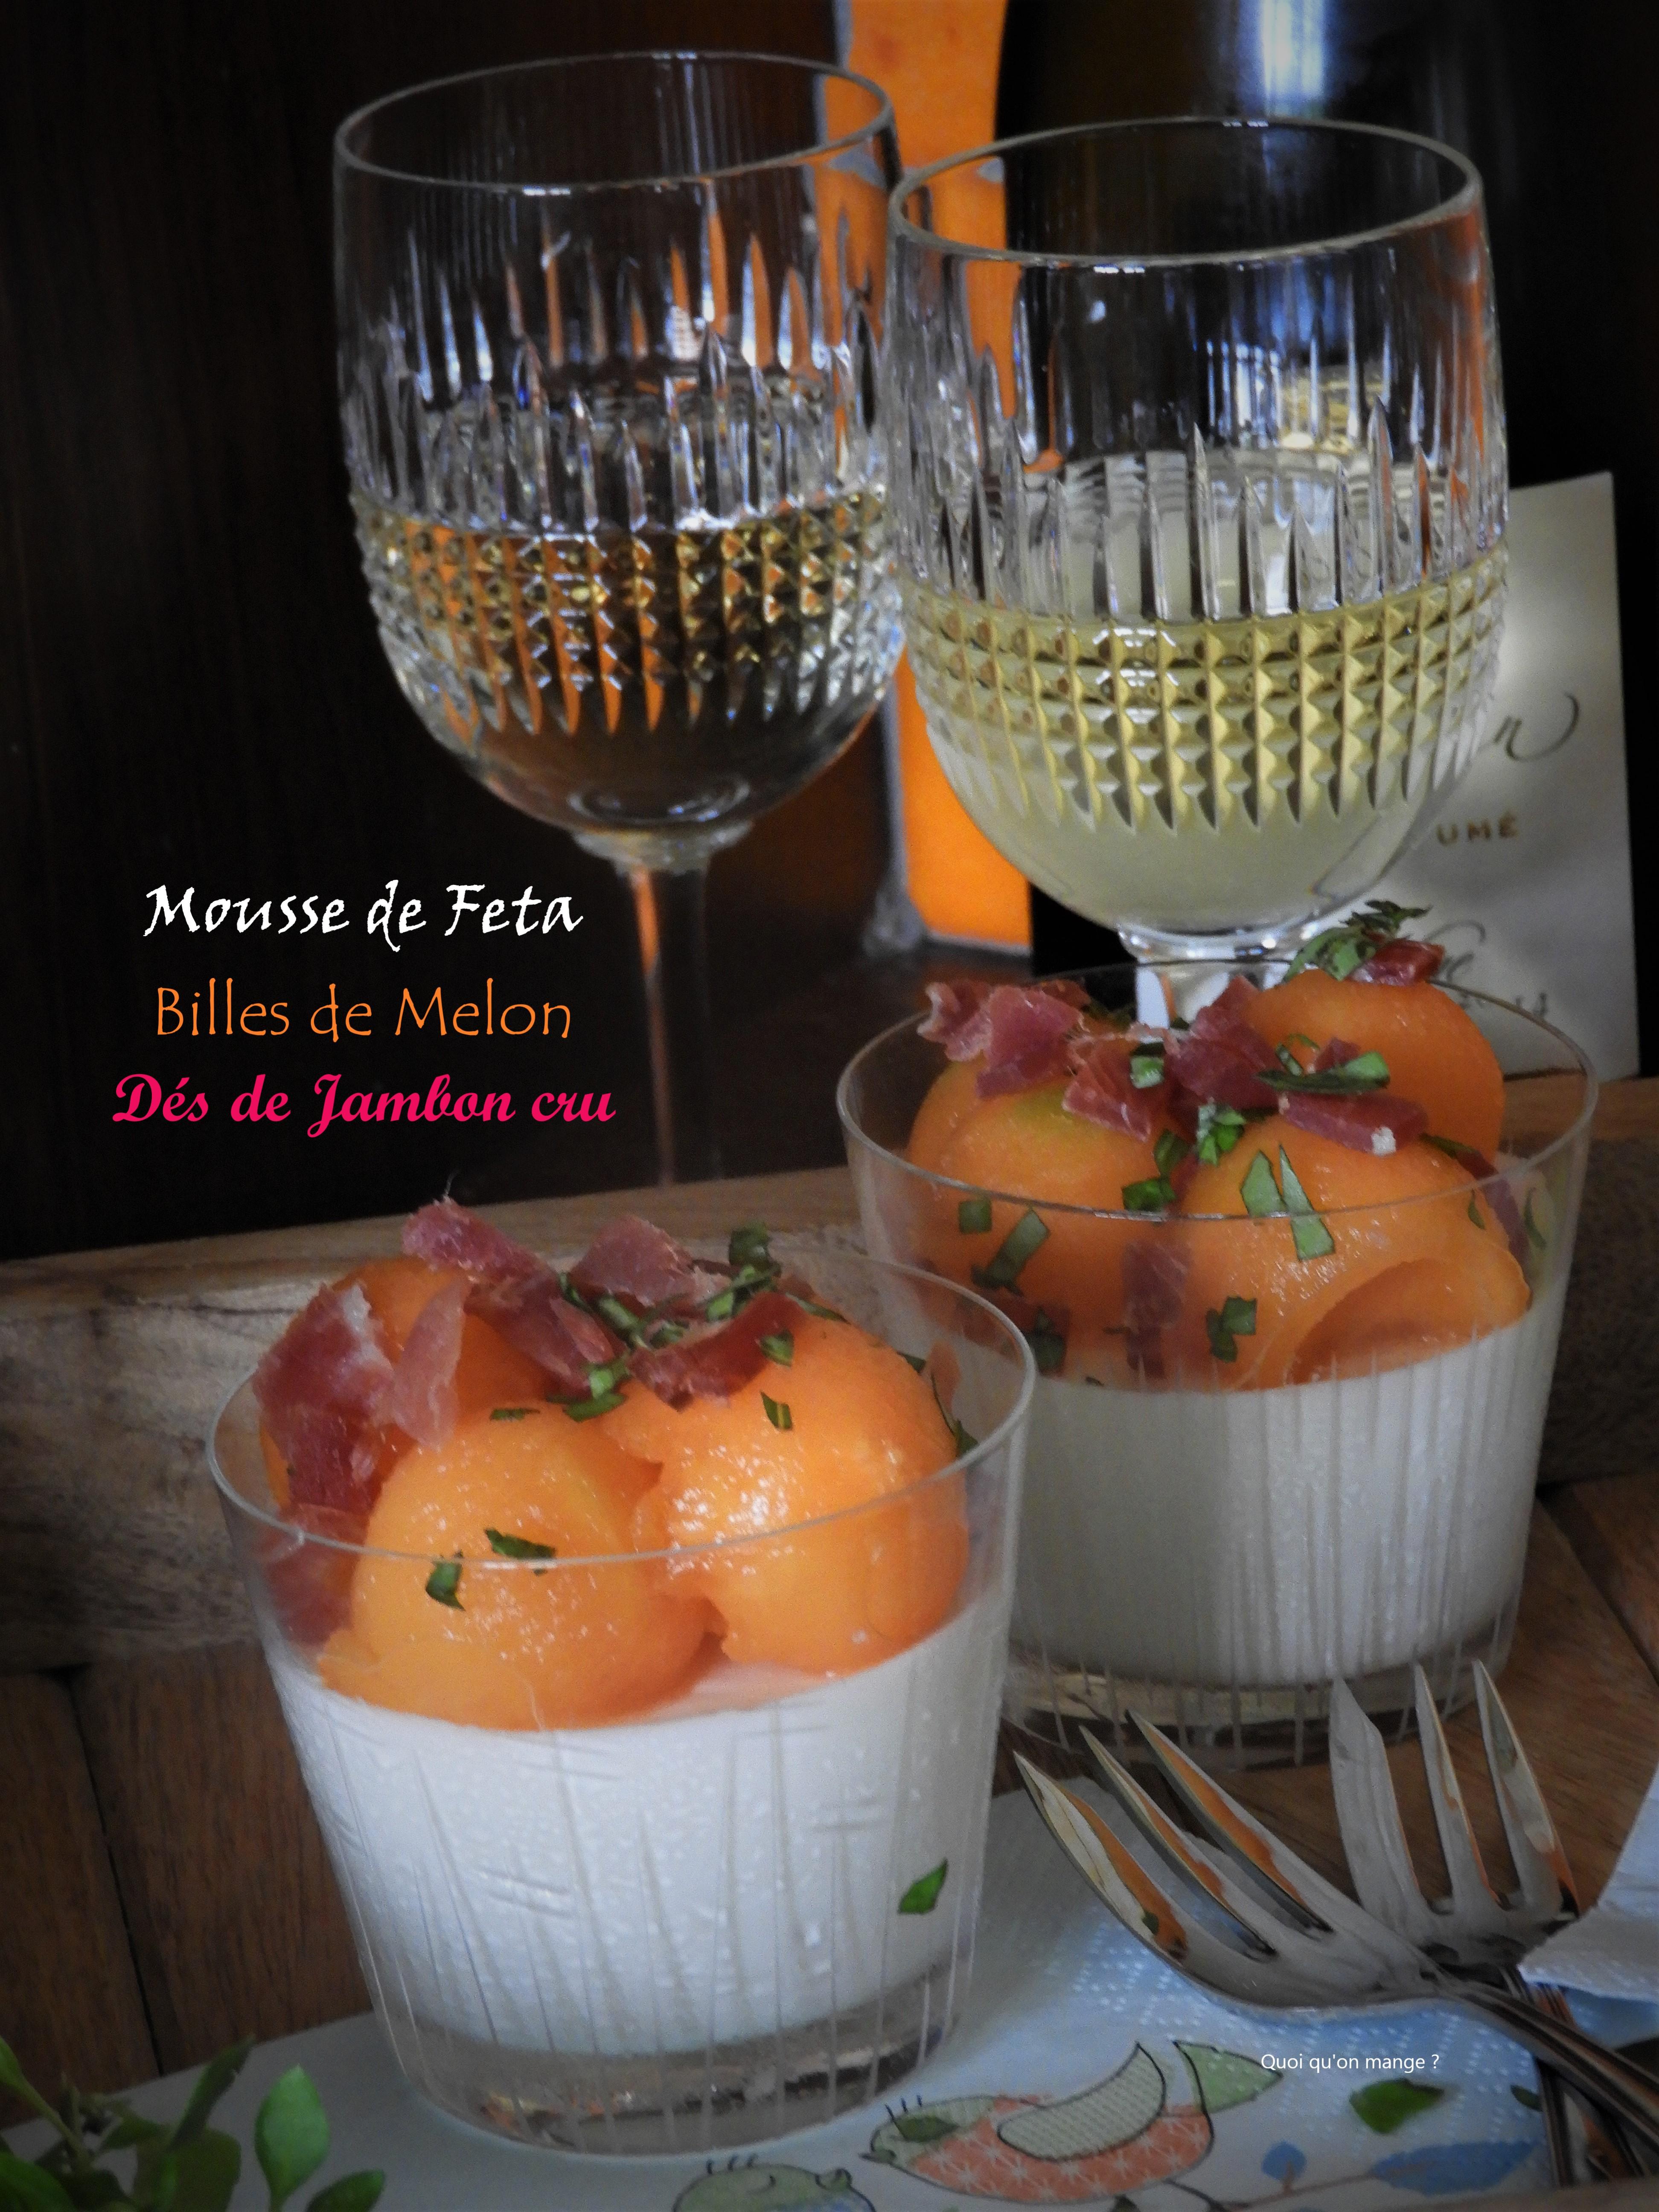 Mousse de feta, billes de melon & dés de jambon cru